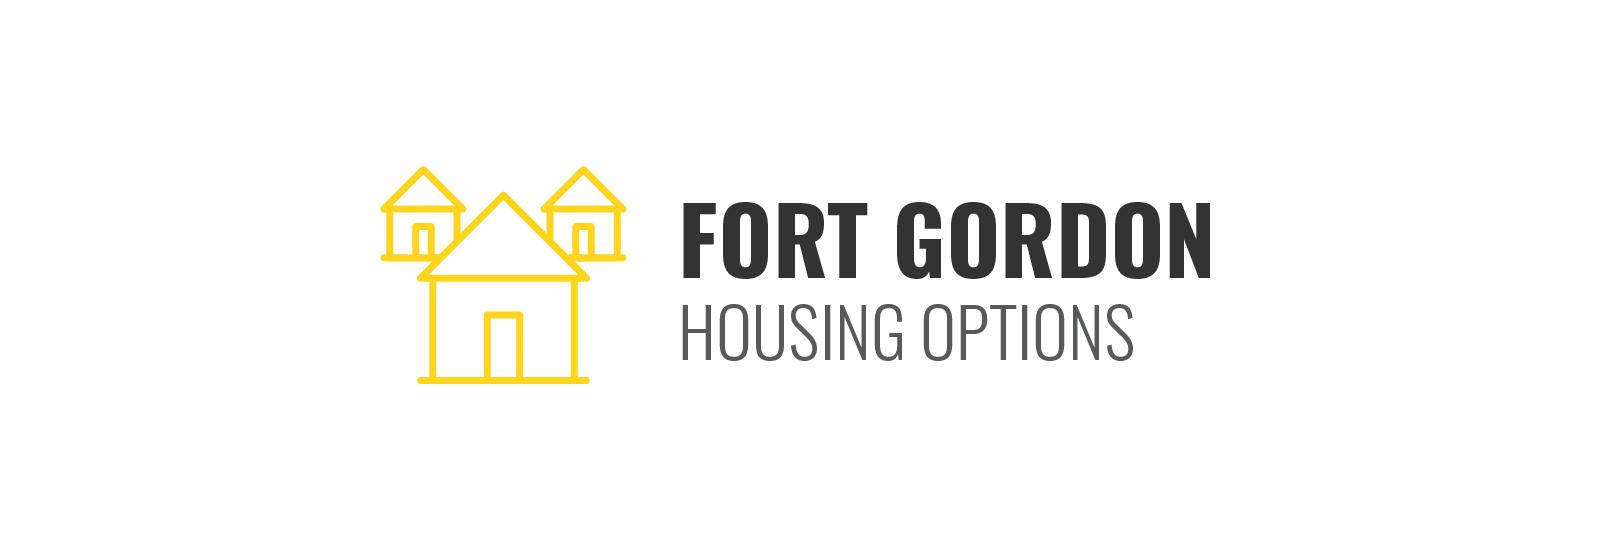 Fort Gordon Housing Options